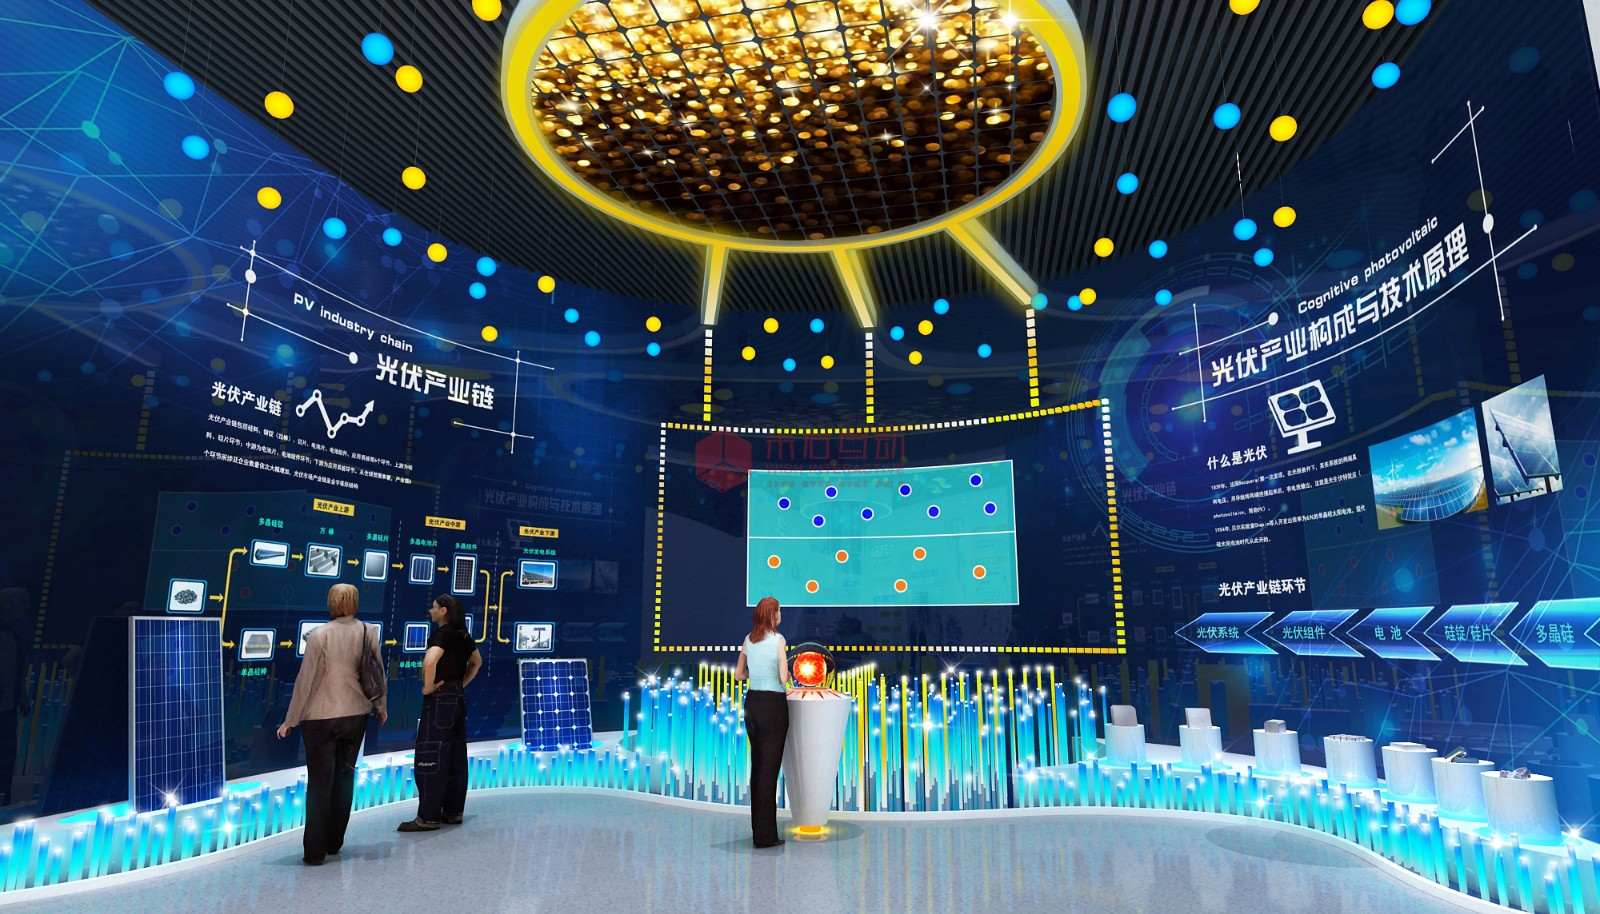 上海優良科技館服務至上 服務至上 未石互動科技供應